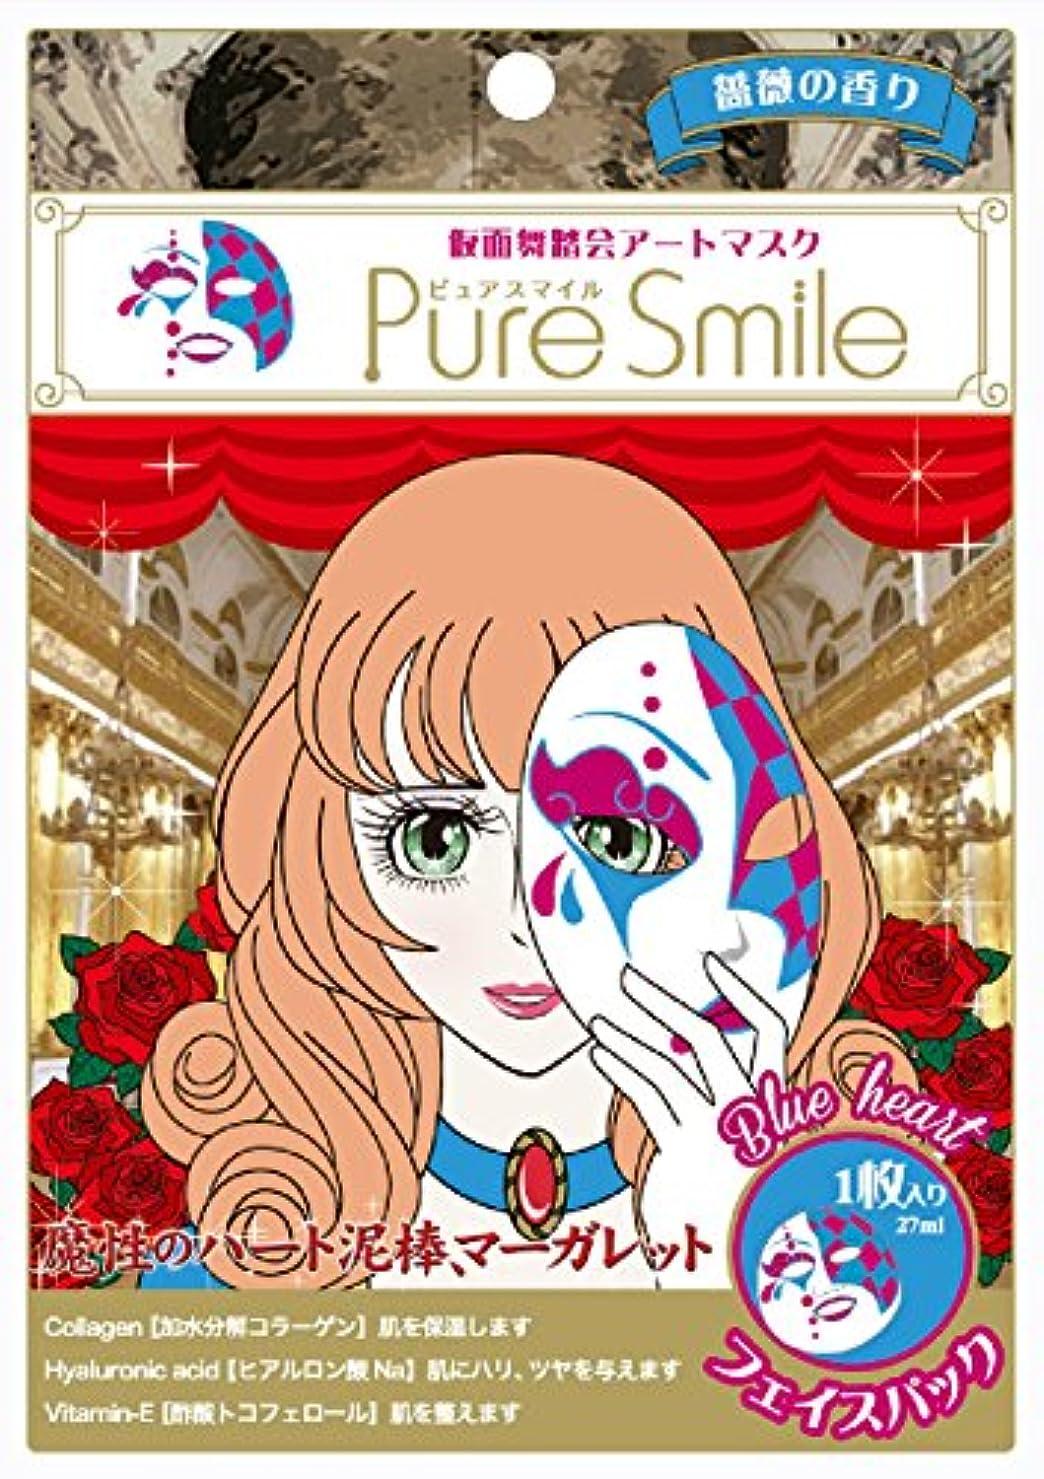 突き刺す確認臭いPure Smile ピュアスマイル 仮面舞踏会アートマスク ブルーハート